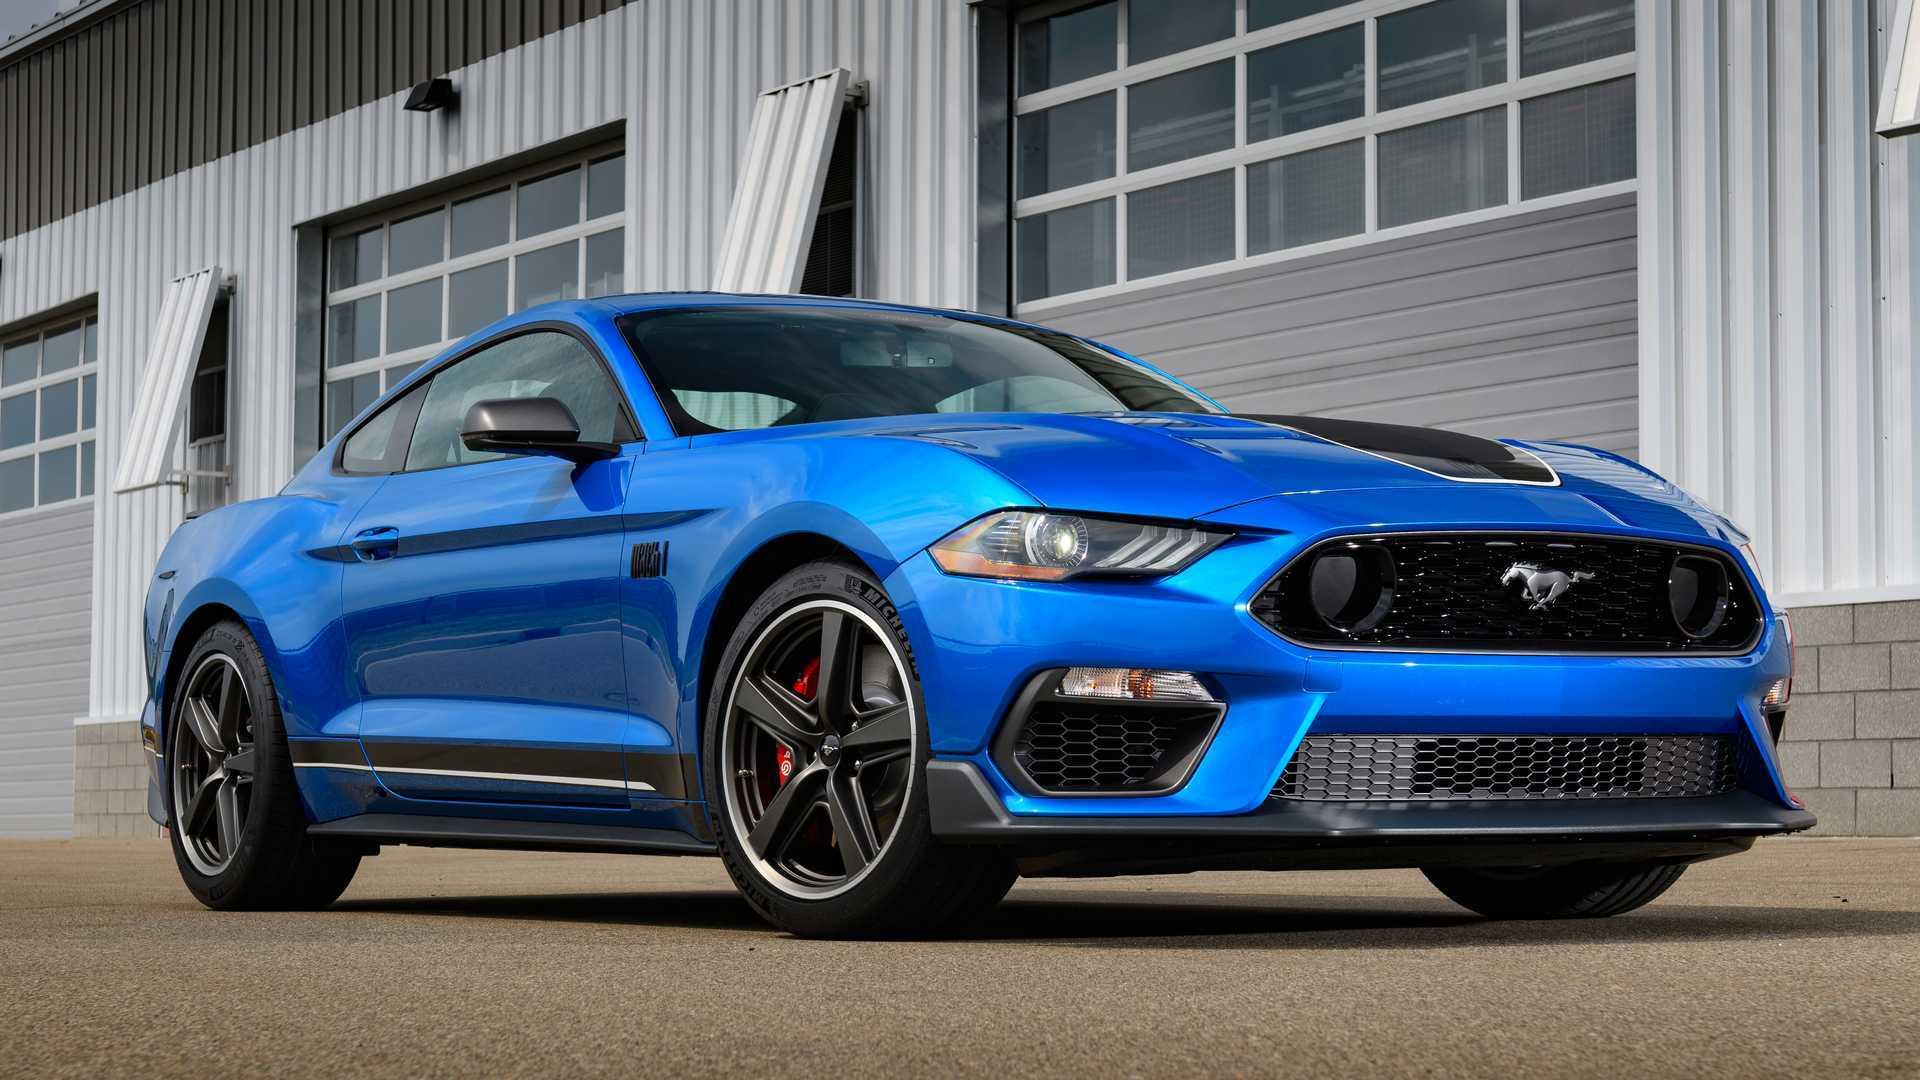 El Ford Mustang No Desaparecera A Pesar Del Bombardeo De Modelos Suv